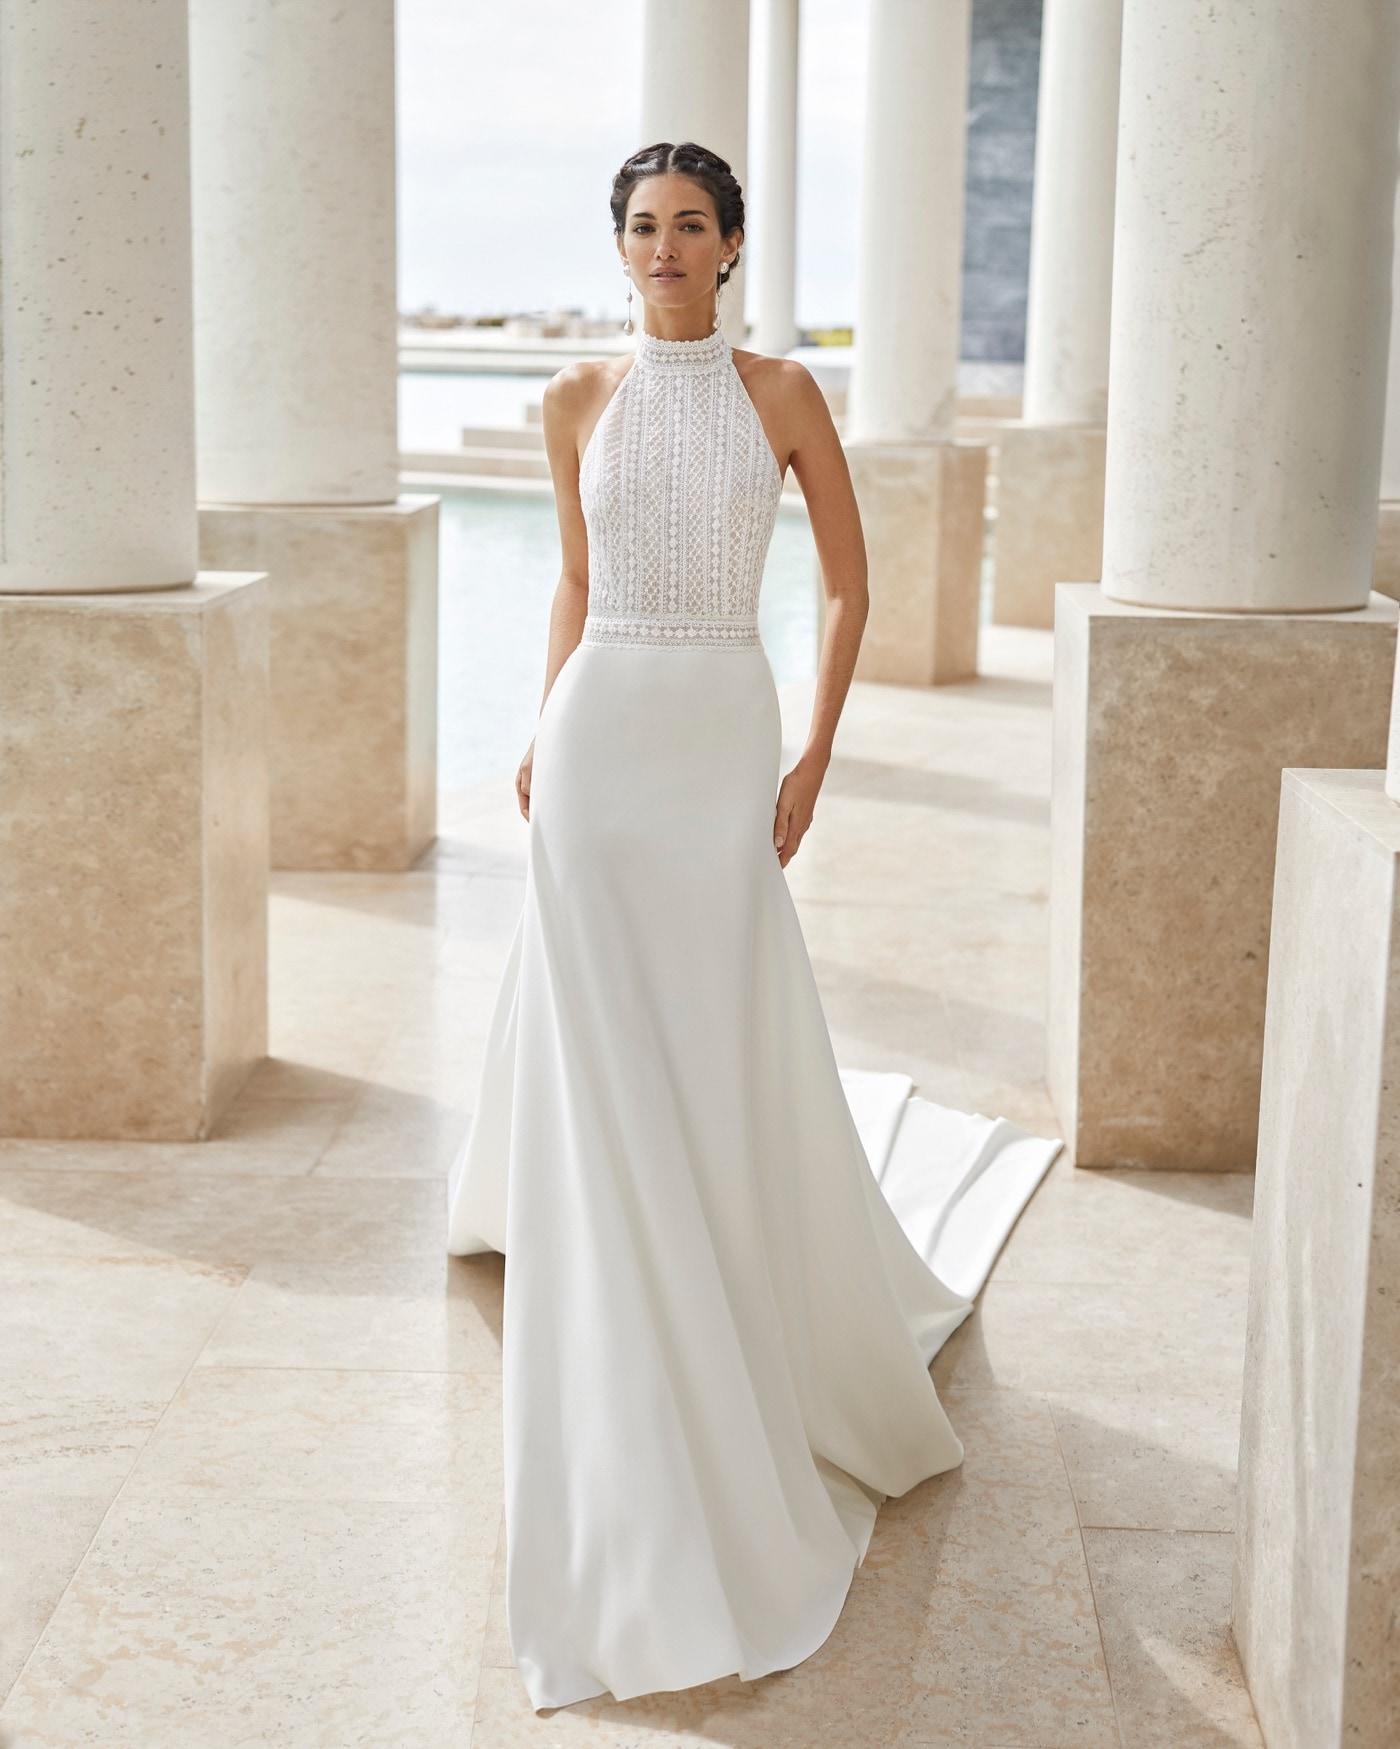 Brautkleid mit Neckholder-Ausschnitt von Rosa Clara Couture